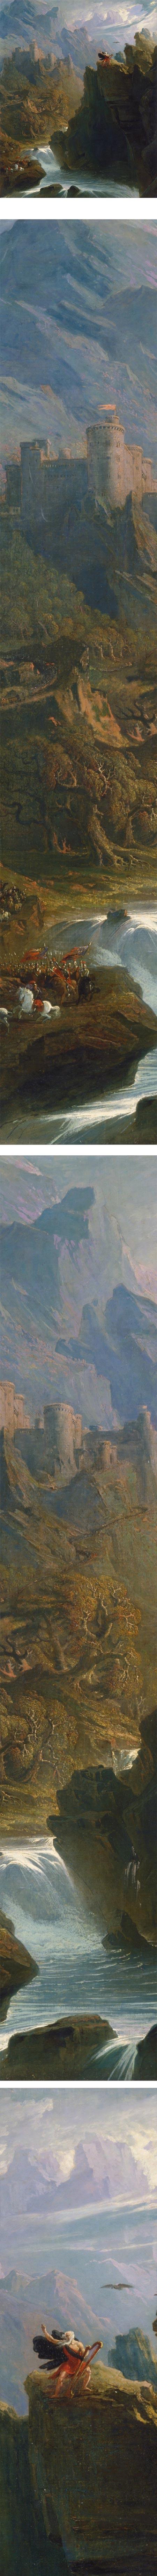 The Bard, John Martin